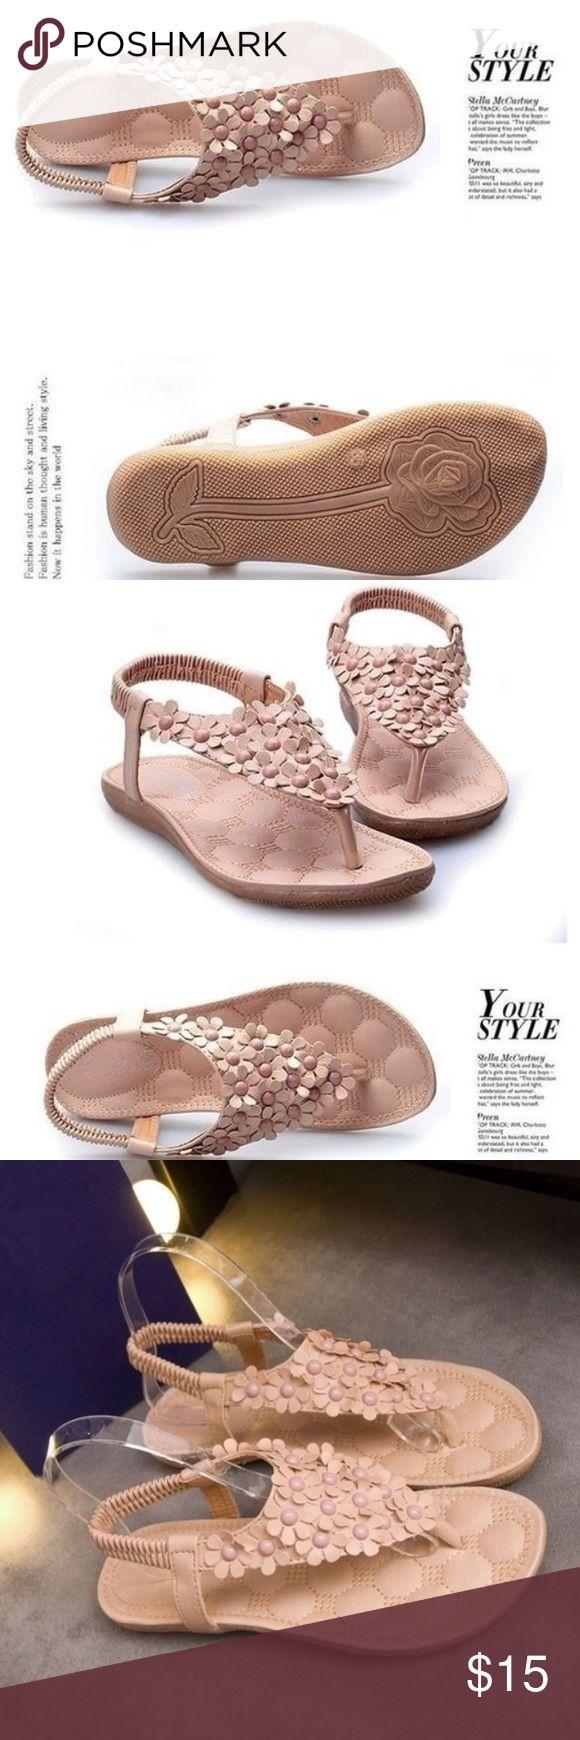 Adorable sandals ♥️ Adorable sandals - never worn Shoes Sandals